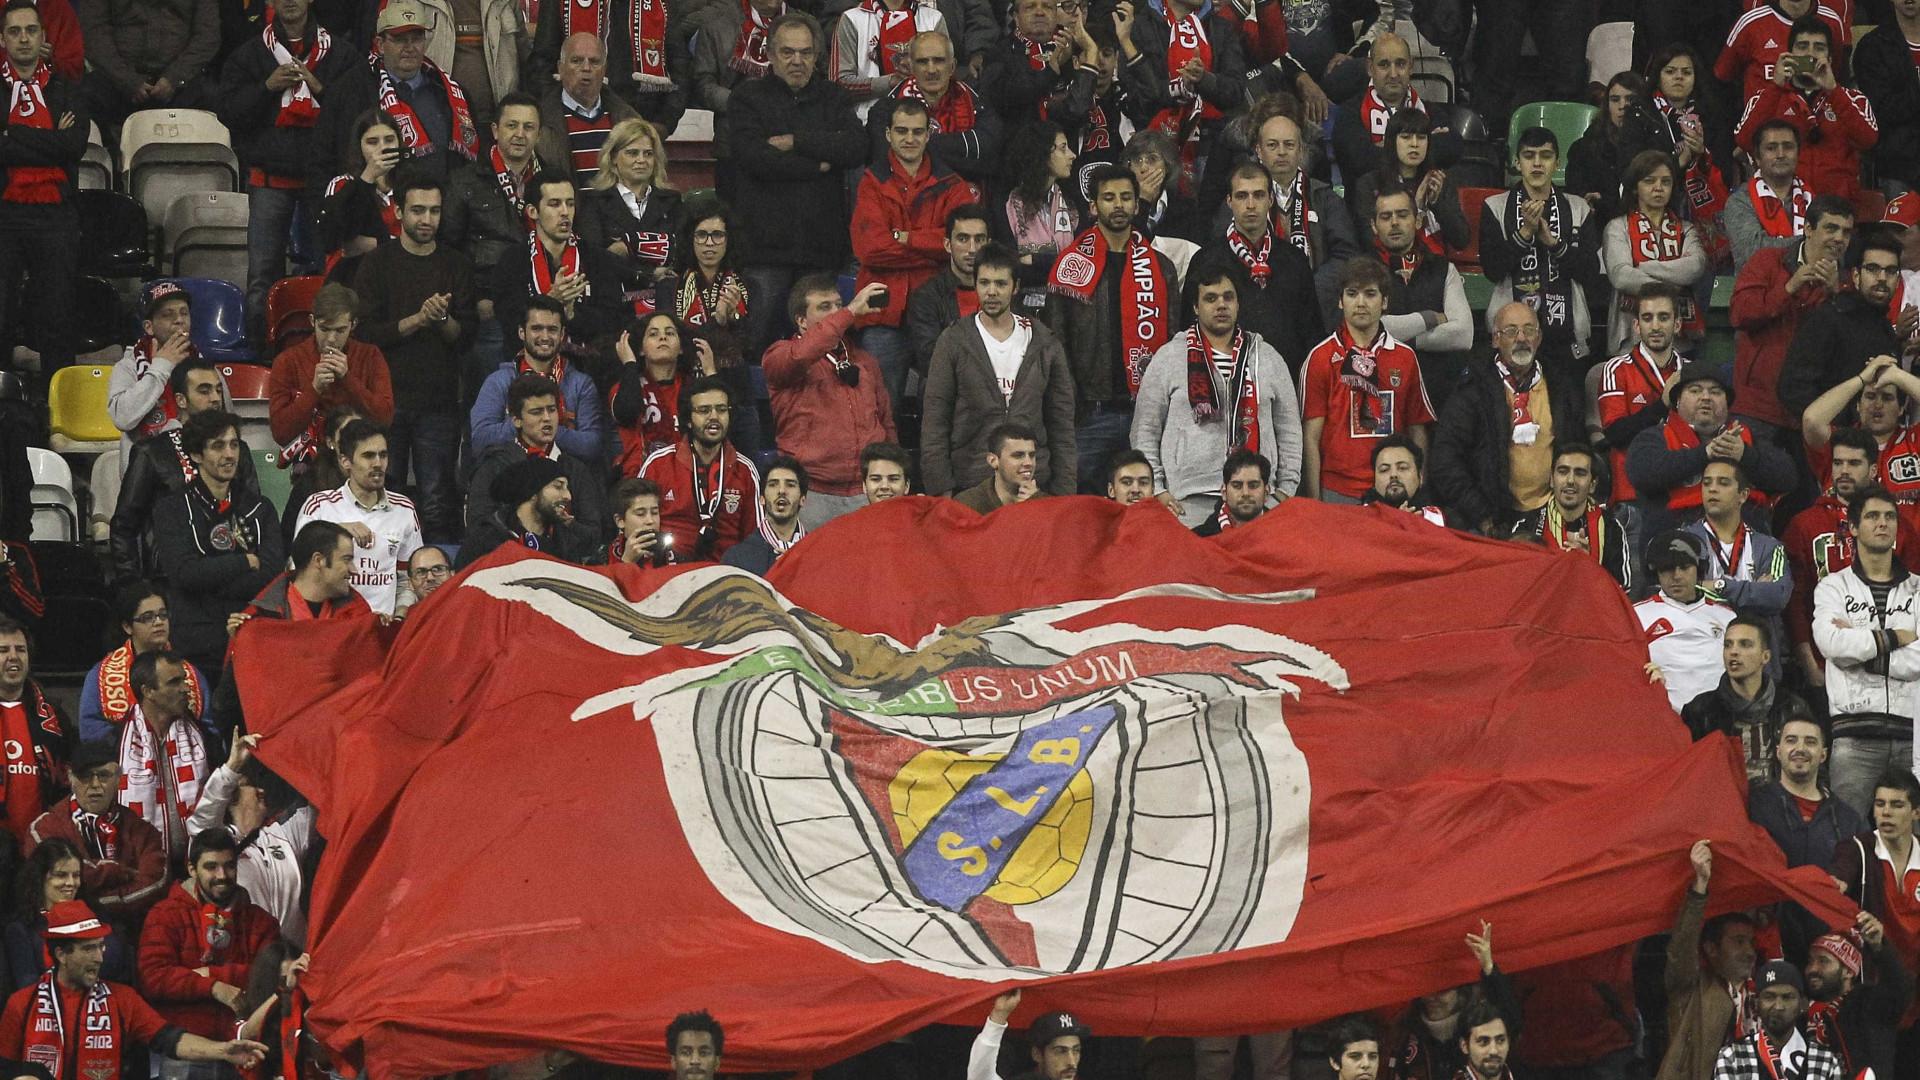 Benfica informa que já não há bilhetes para jogo com Feirense